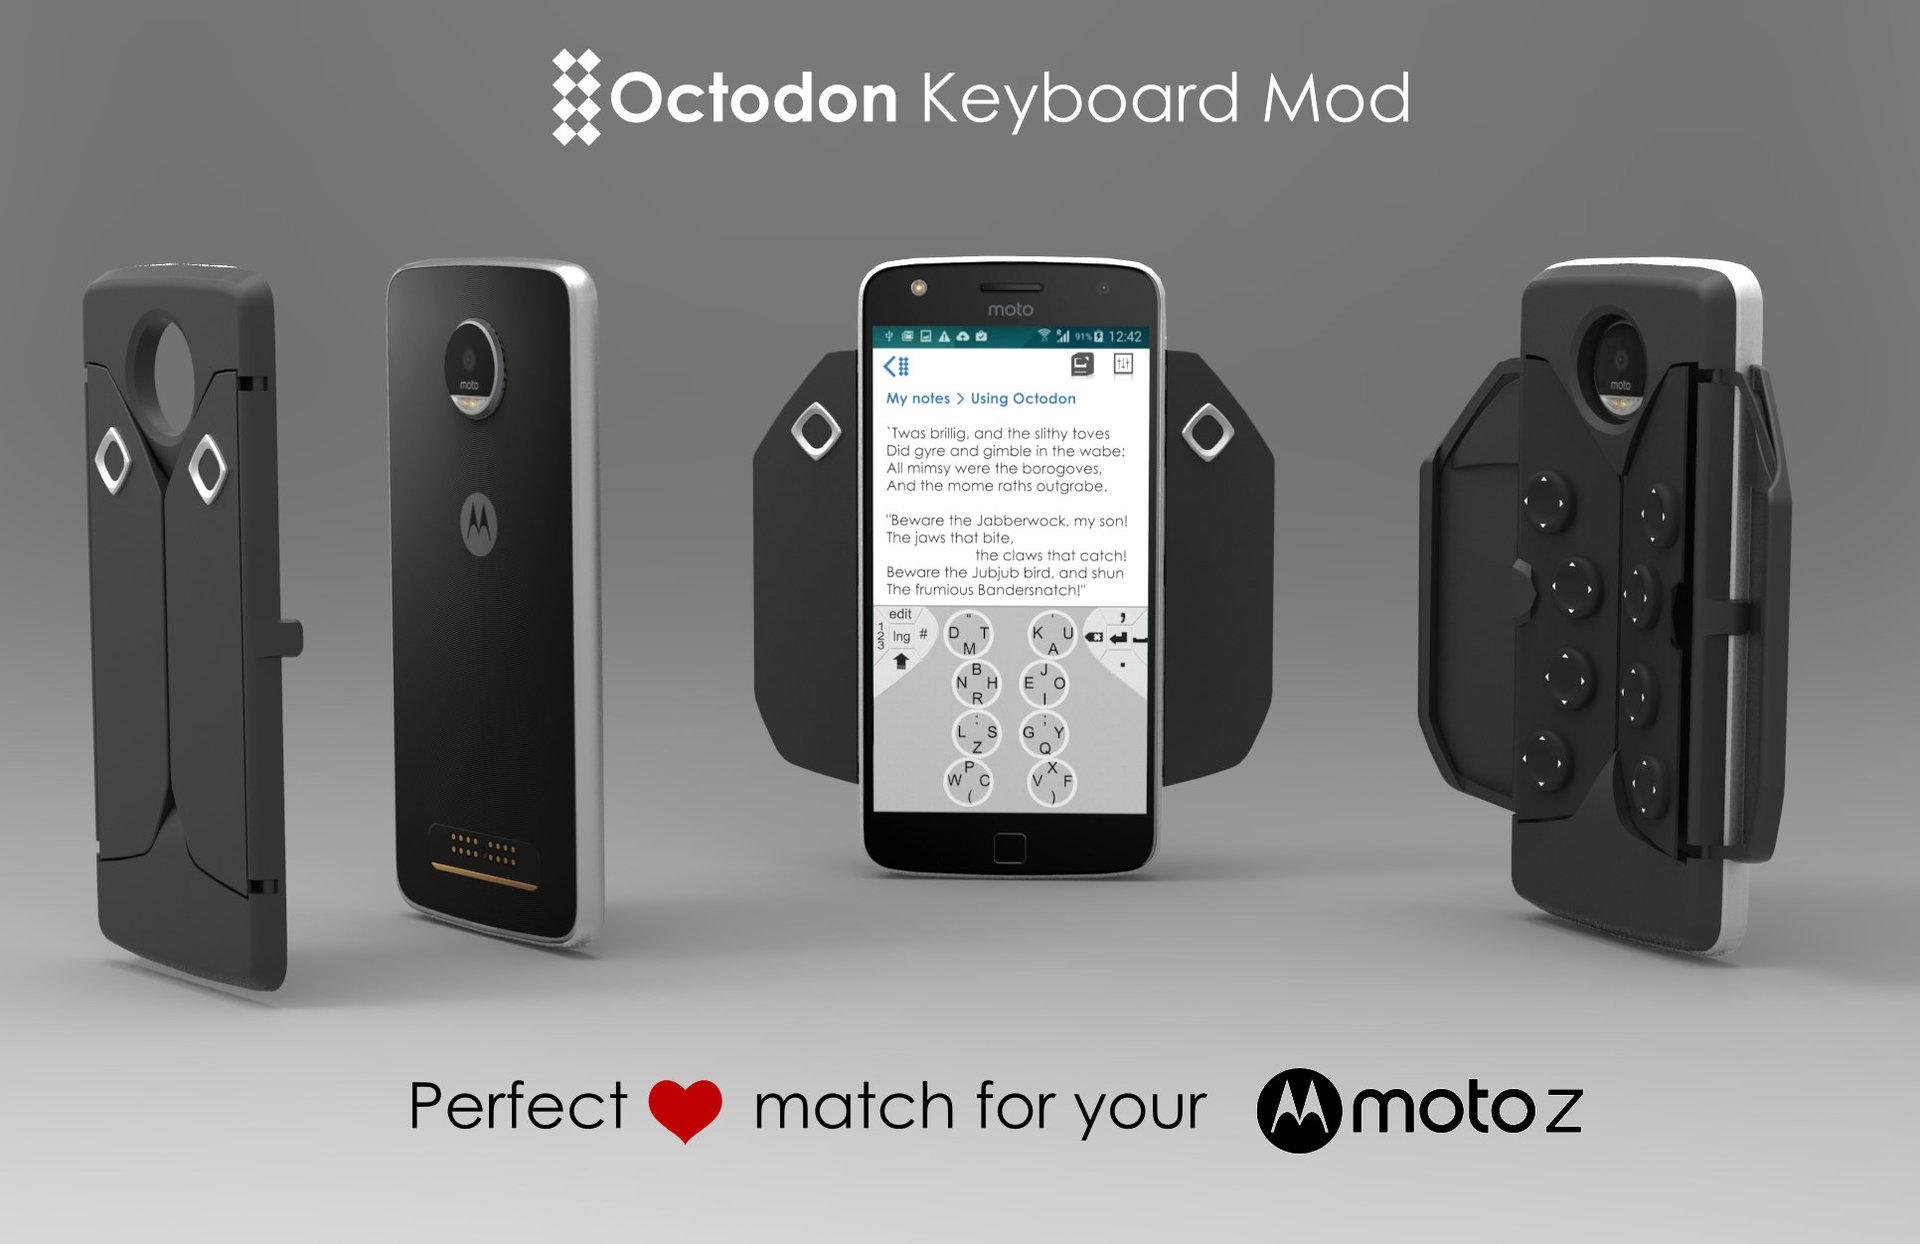 Октодон пробует силы в МотоМодоСтроении - 1